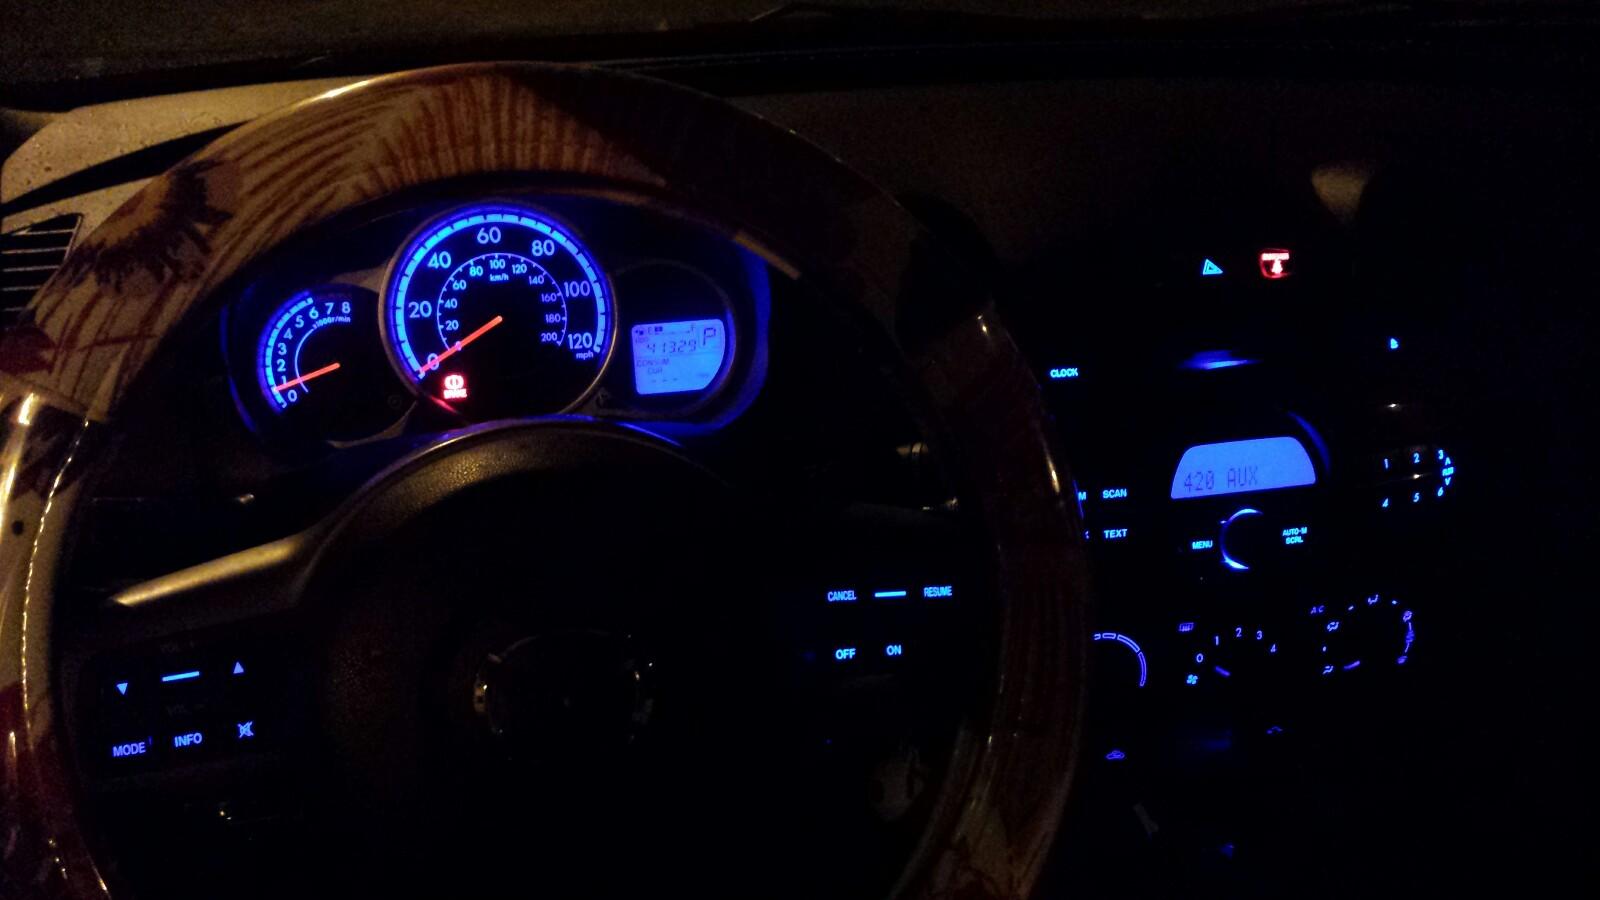 Mazda 2 Instrument Panel Blue LED